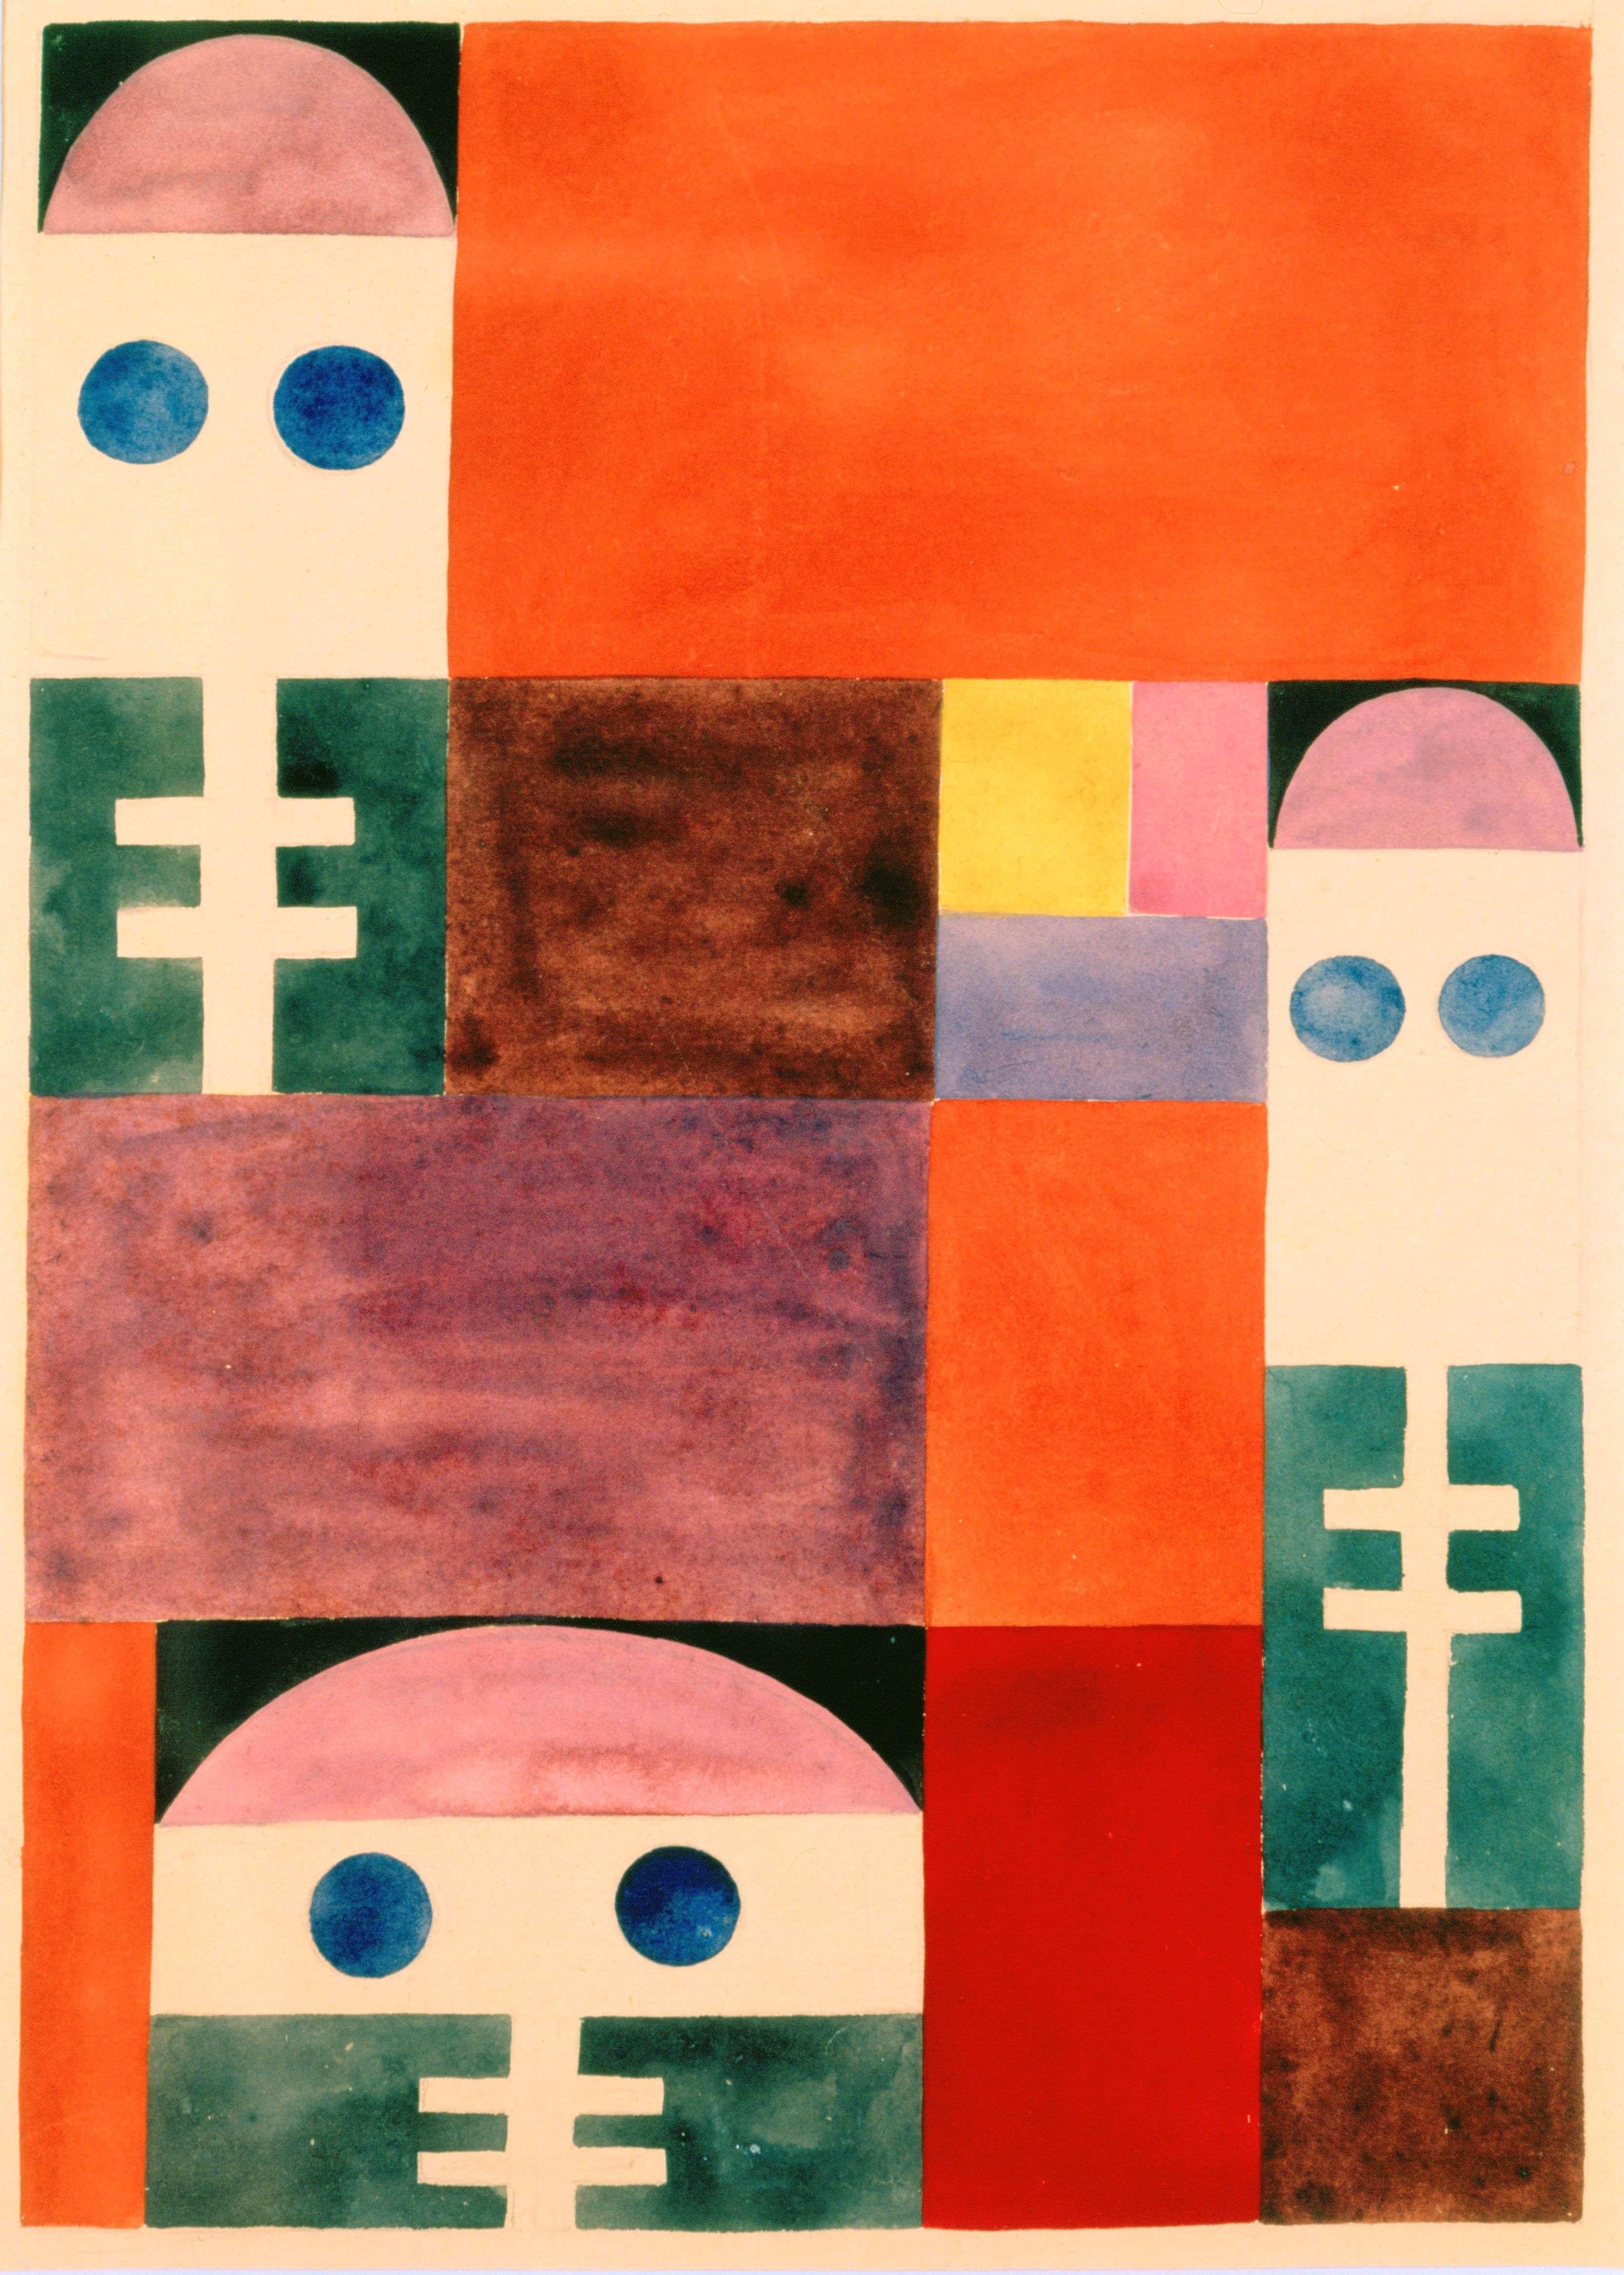 Parmi les œuvres d'une grande diversité créées par Sophie Taeuber-Arp, on trouve ces motifs abstraits dont la forme - et le principe même de représentation - rappelle des masques provenant d'Afrique, dotés d'une palette haute en couleurs.